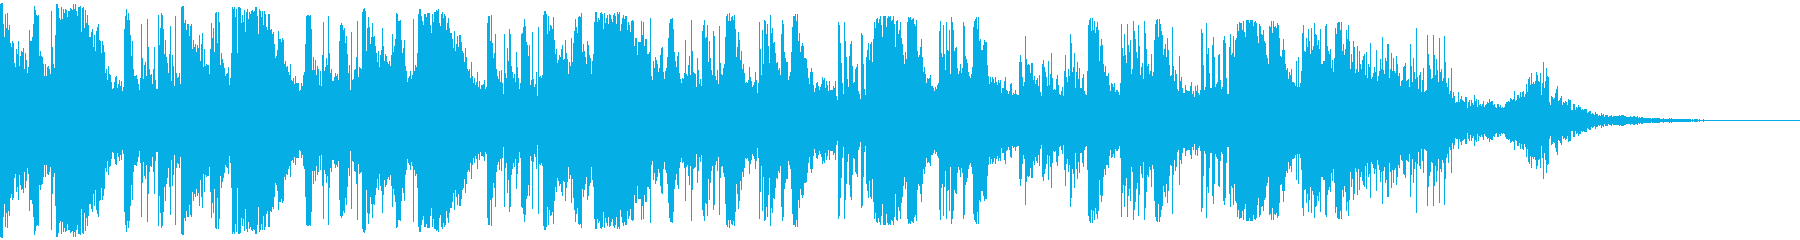 テクノジーの進化やSF、粒子がはじけるの再生済みの波形